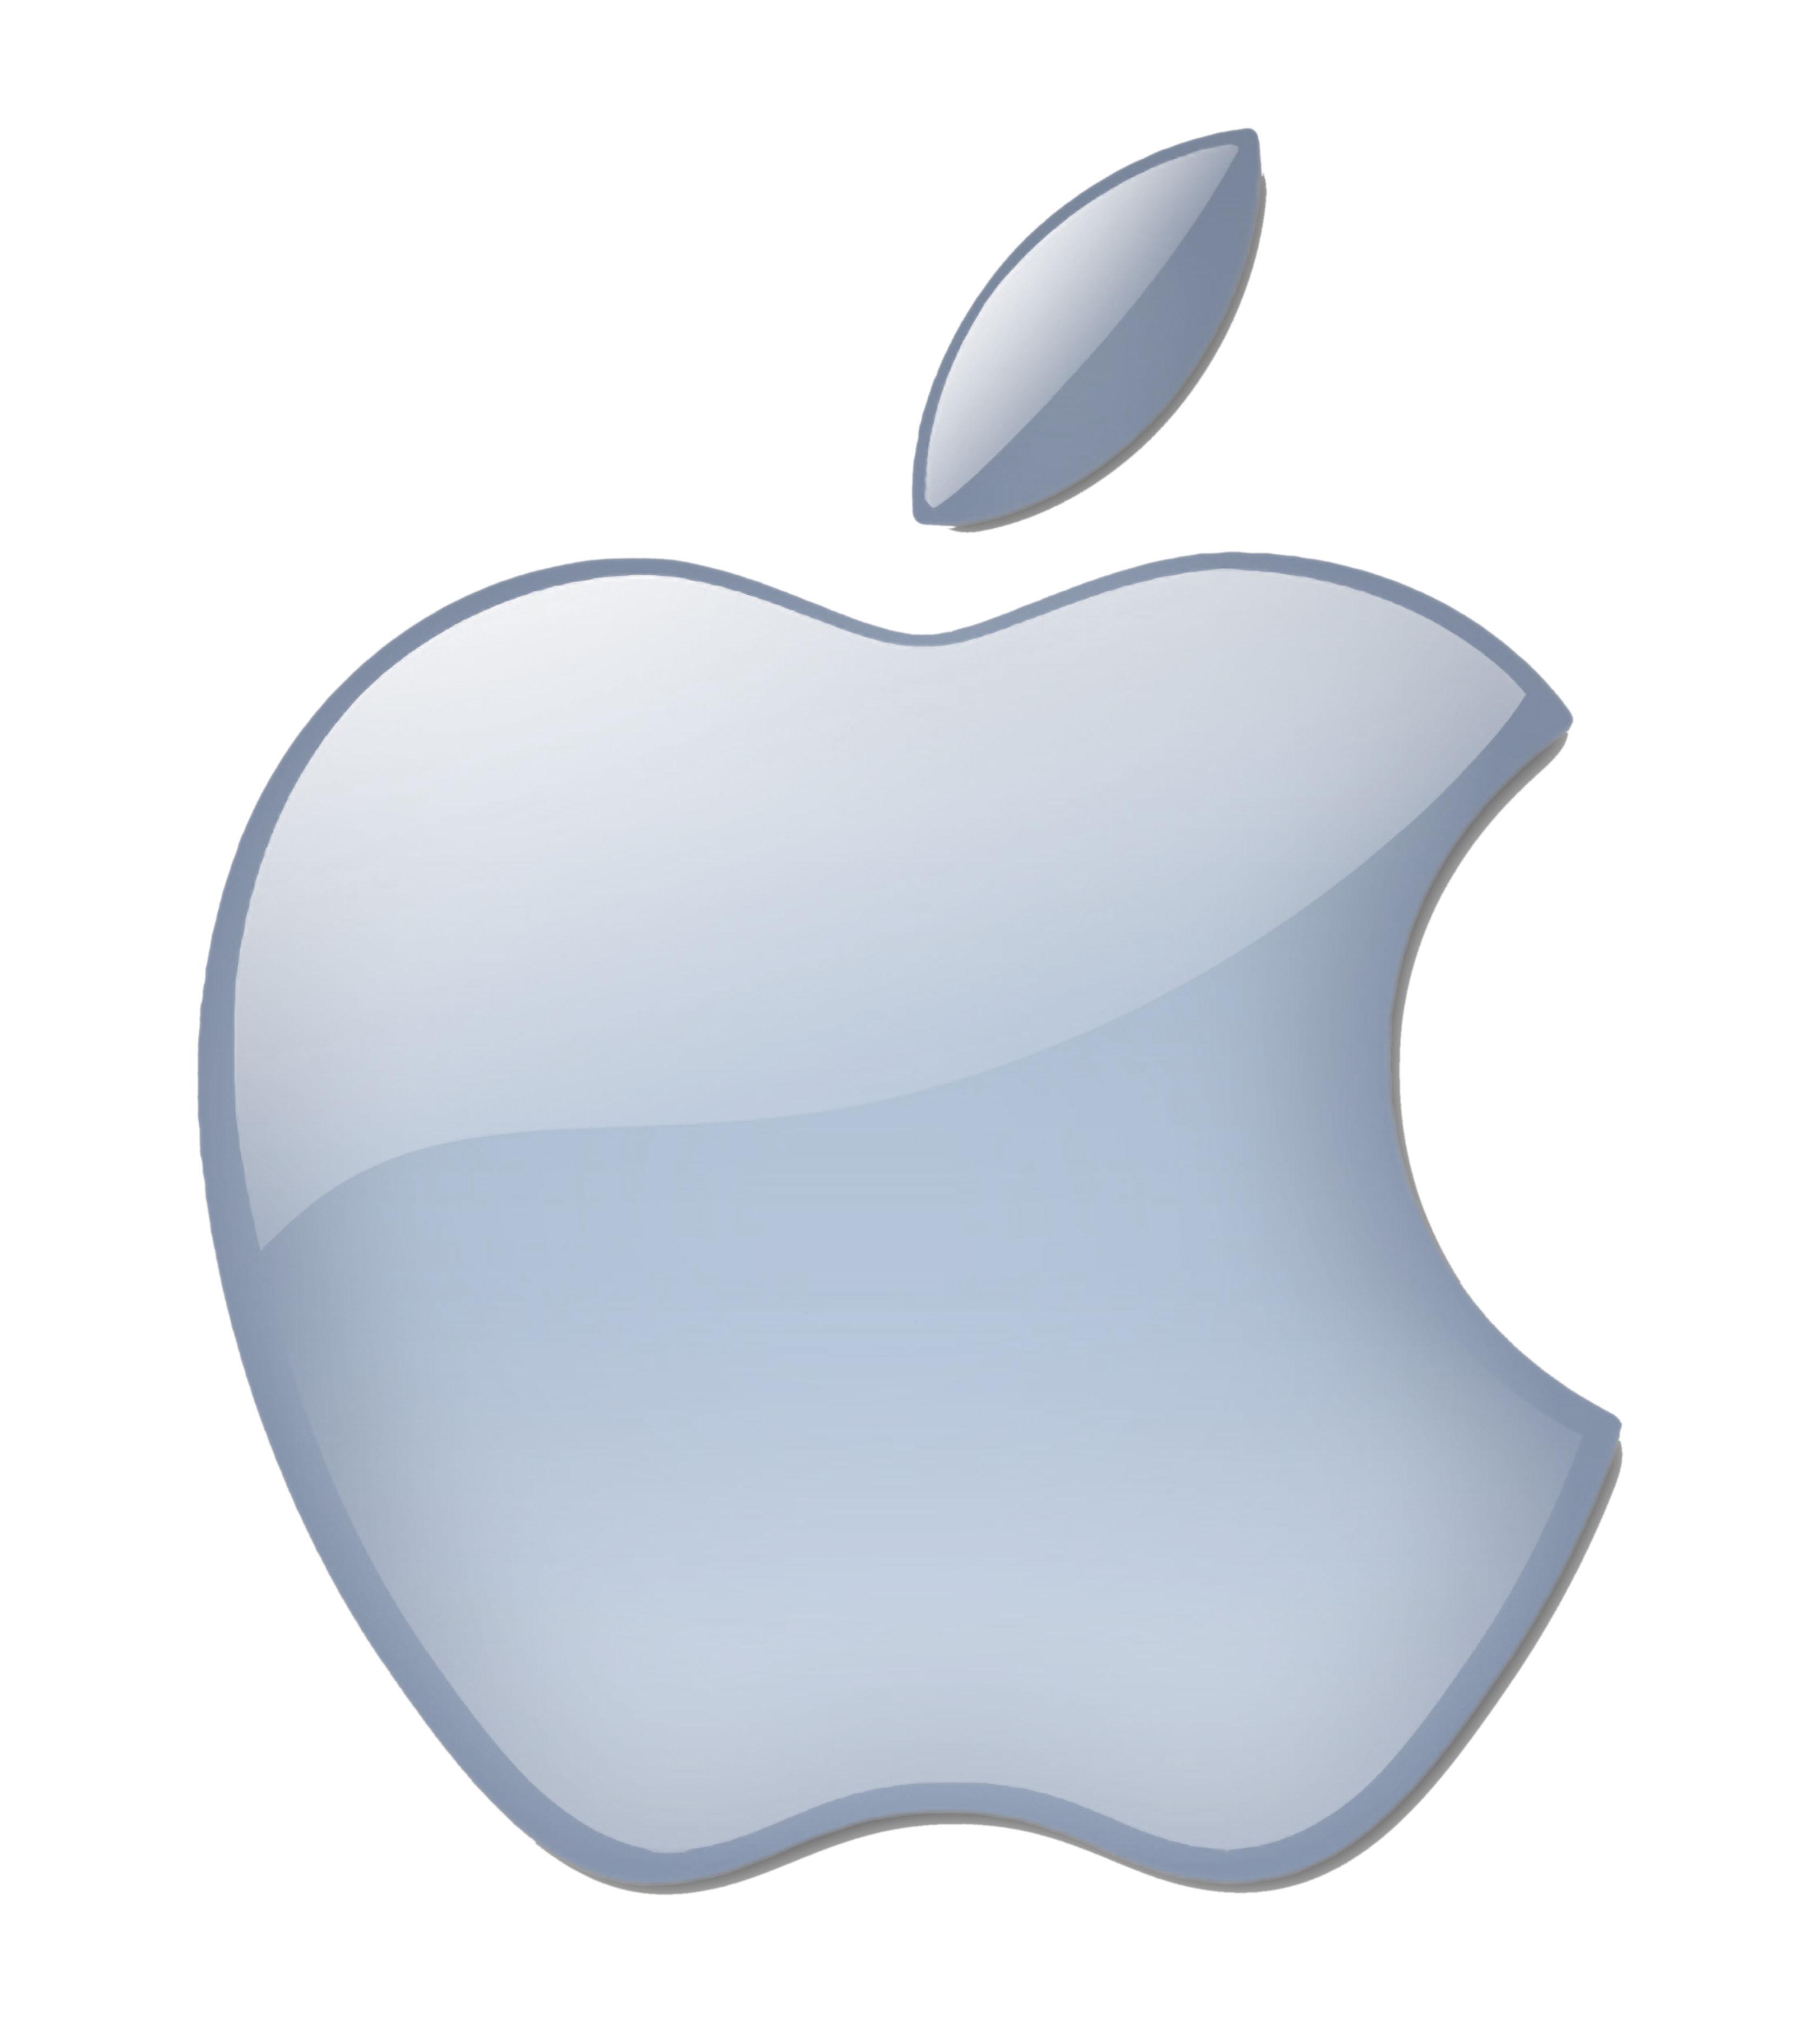 Как сделать значок apple на папку Басков Николай. С Днём рождения-Музыкальные открытки